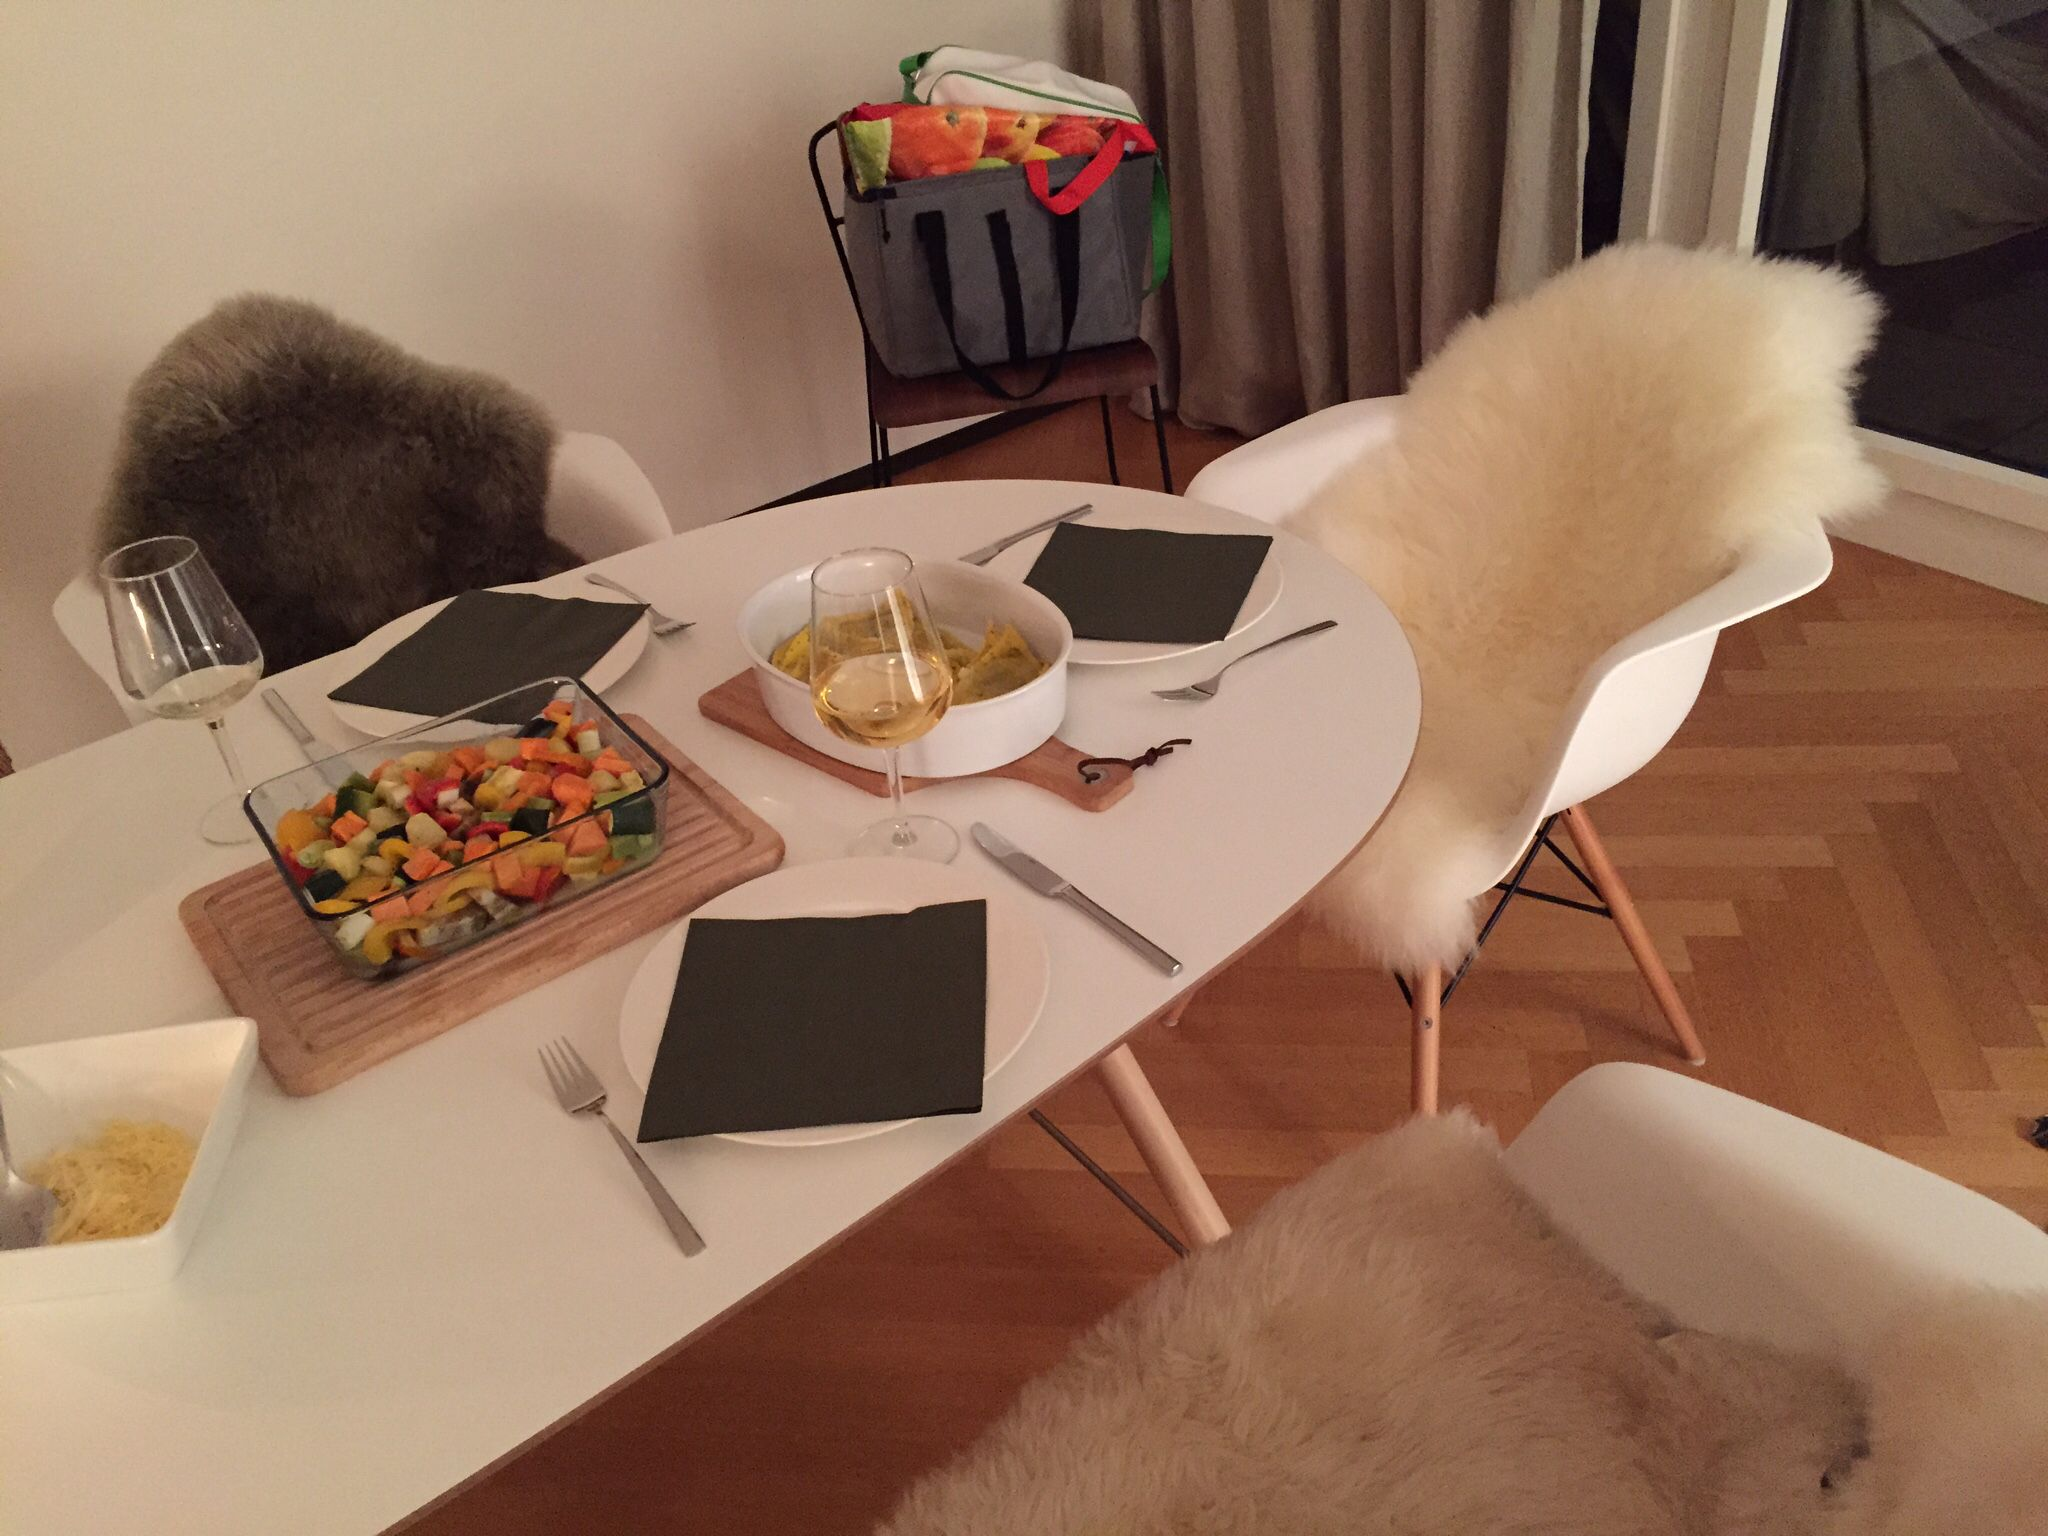 Esstisch Ikea Oval Mit Holzbeinen Weiße Eames Stühle Mit Fell Ikea Table  Wood Eames Chair